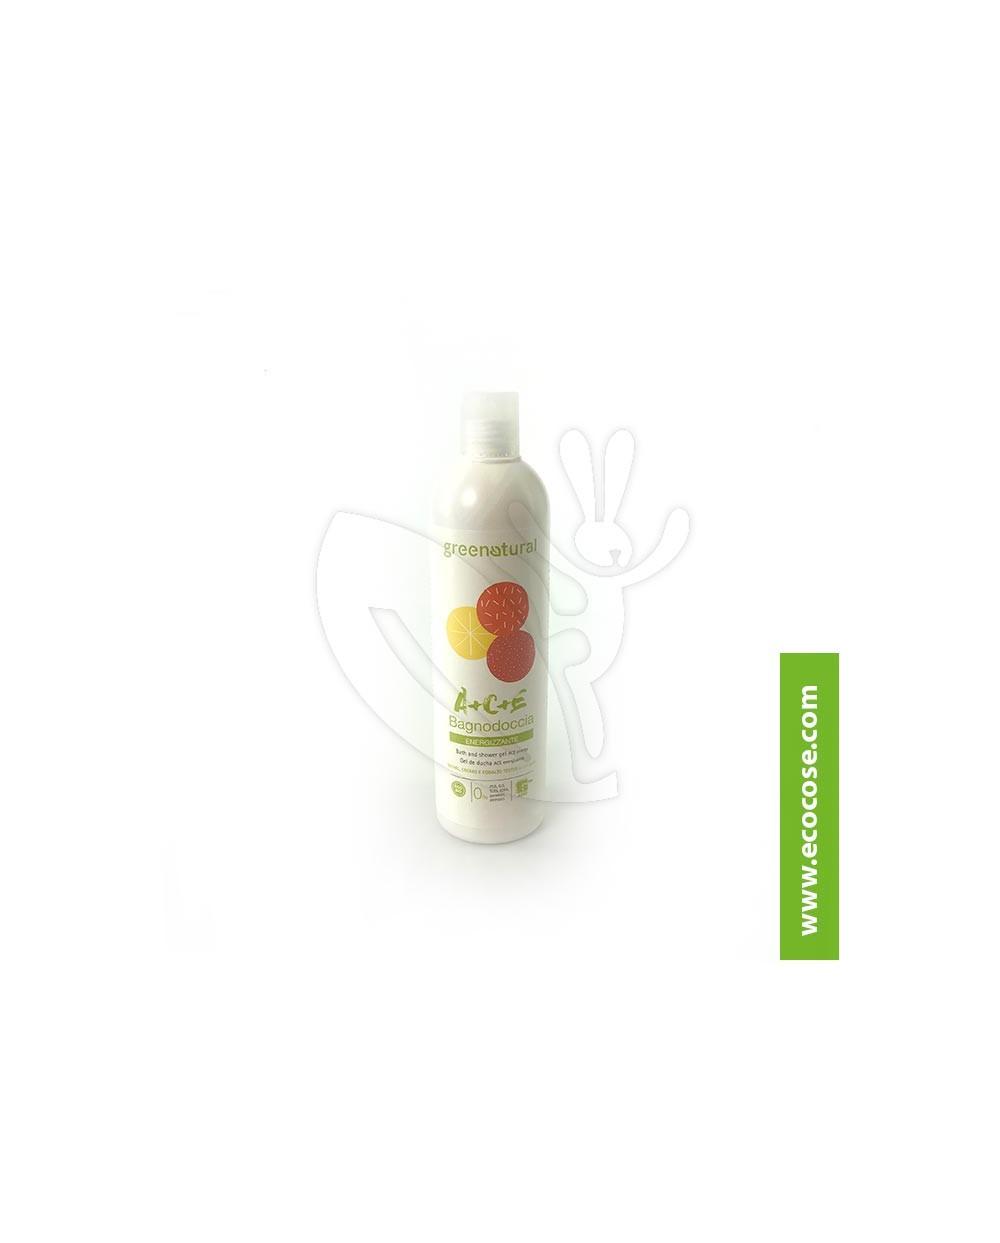 Greenatural - A+C+E - Bagnodoccia energizzante